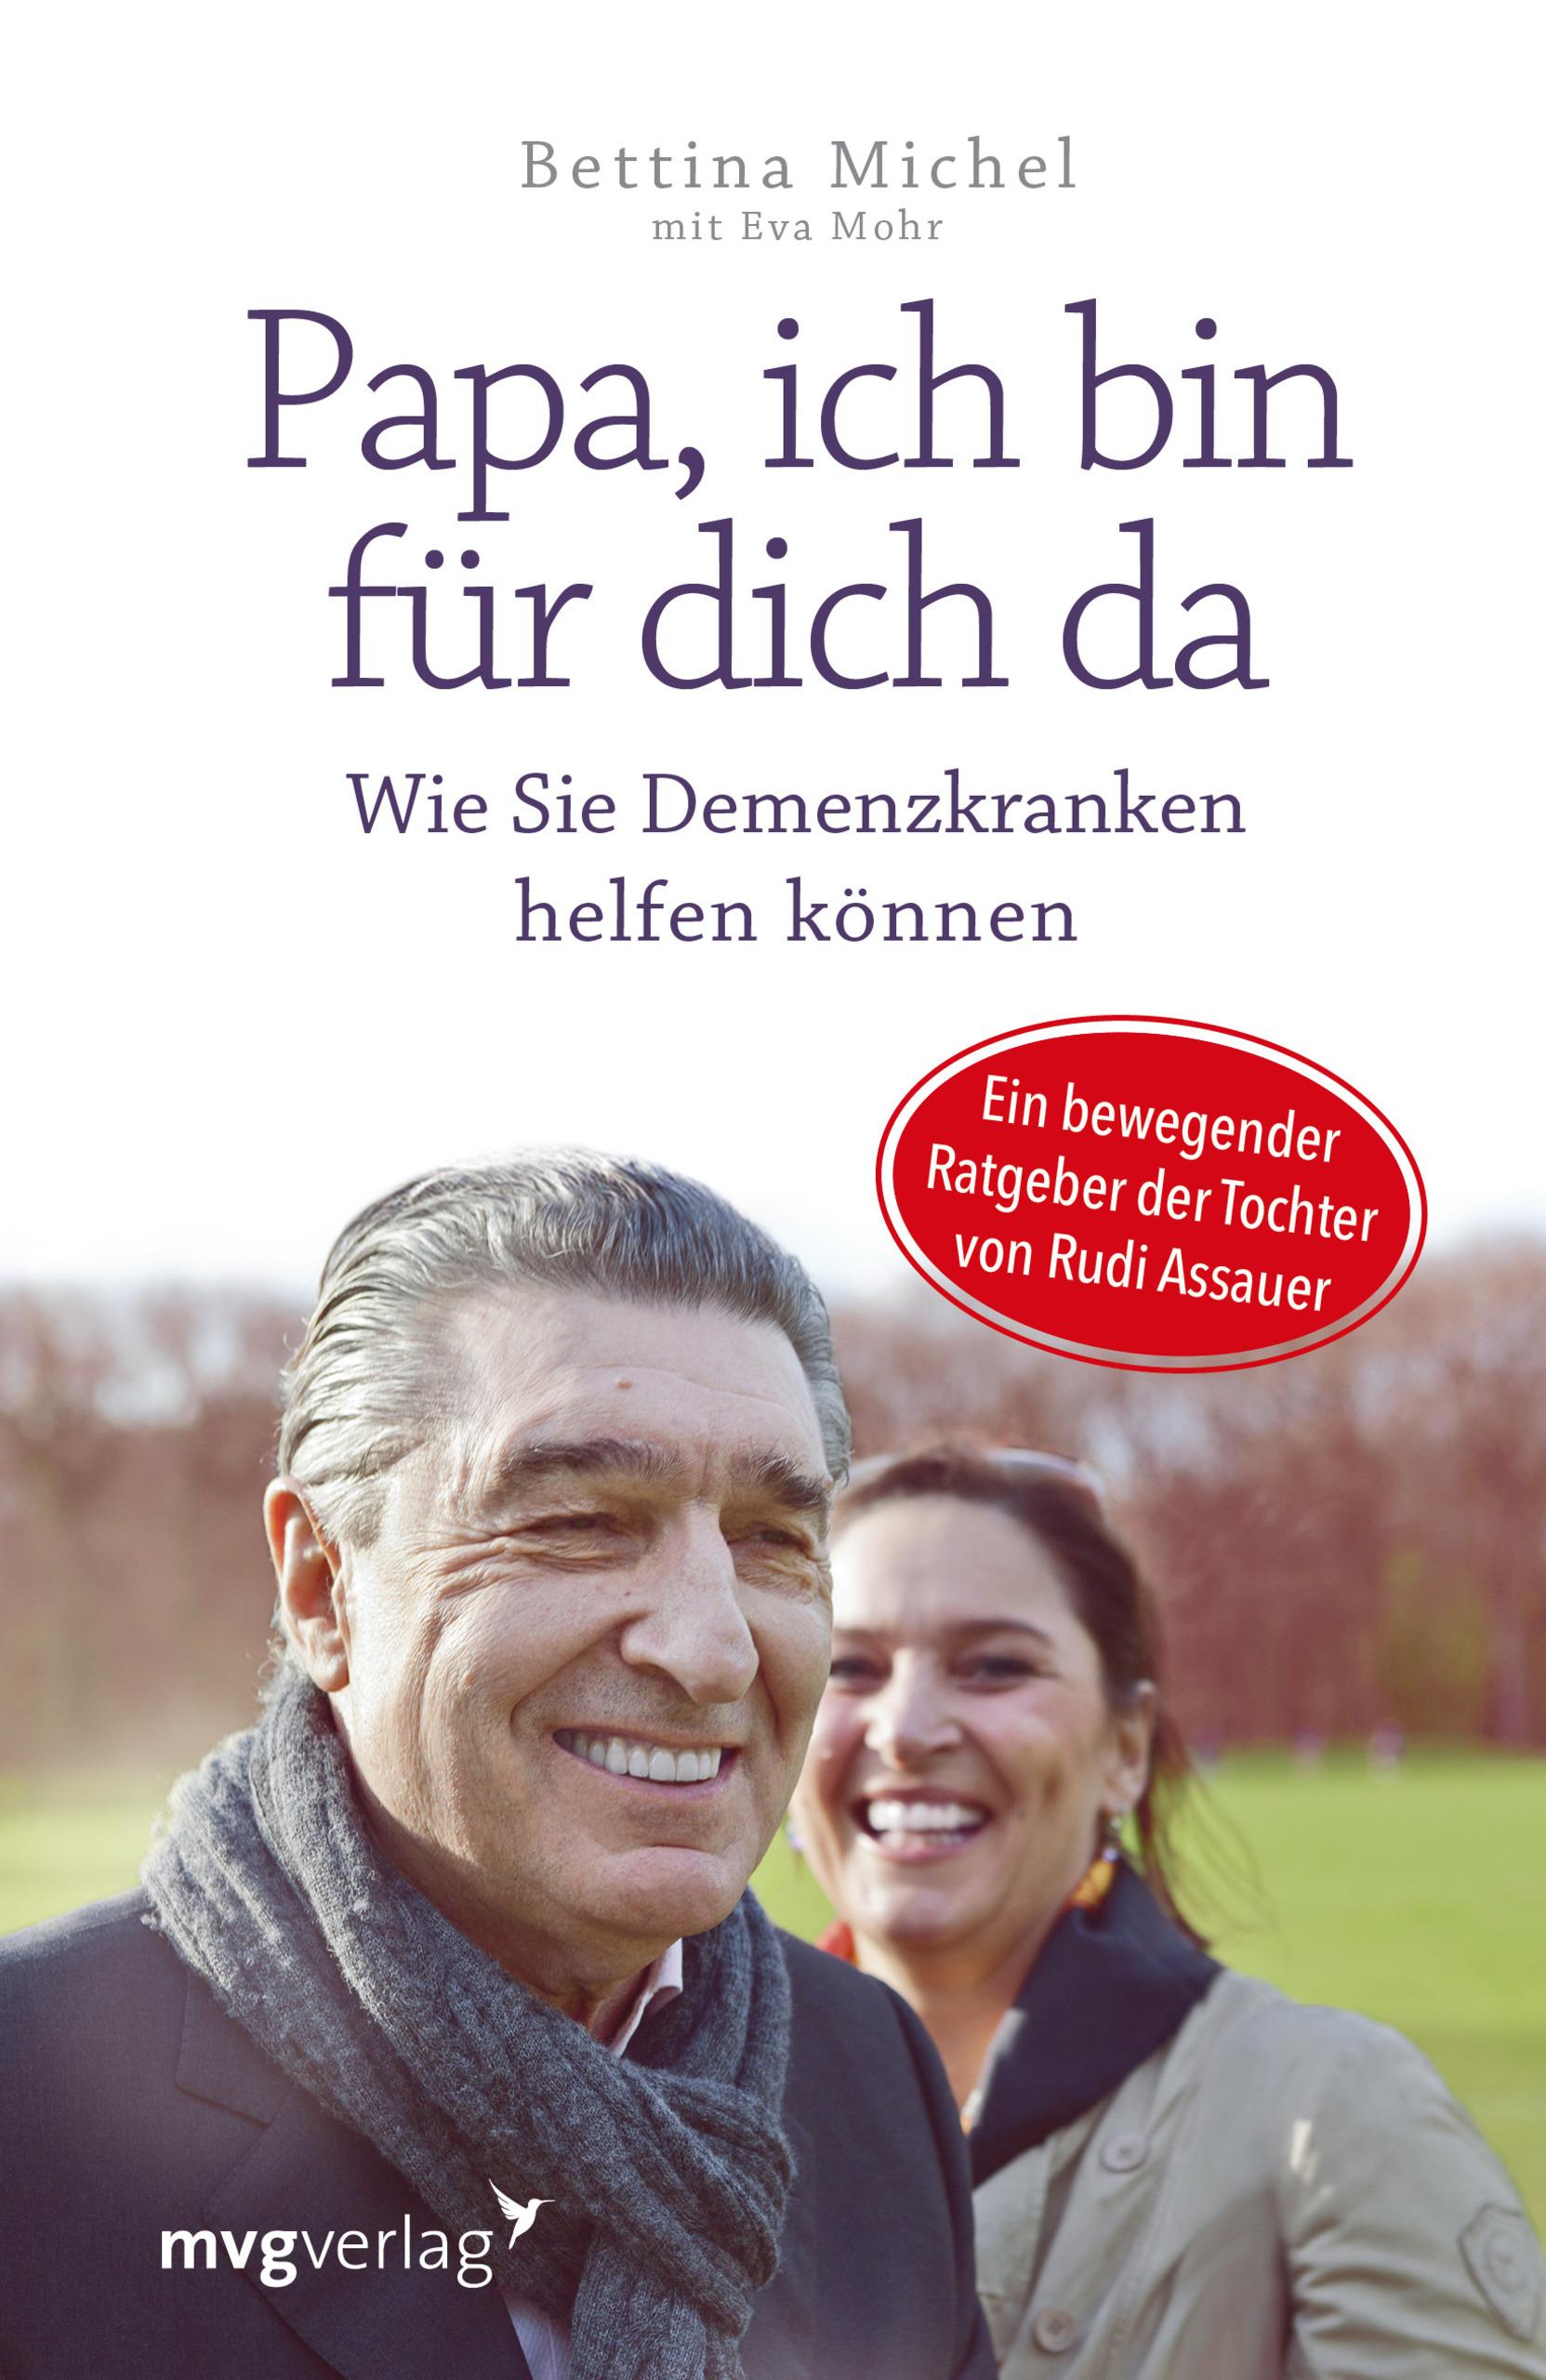 Papa, ich bin für dich da: Wie Sie Demenzkranken helfen können - Ein bewegender Ratgeber der Tochter von Rudi Assauer -